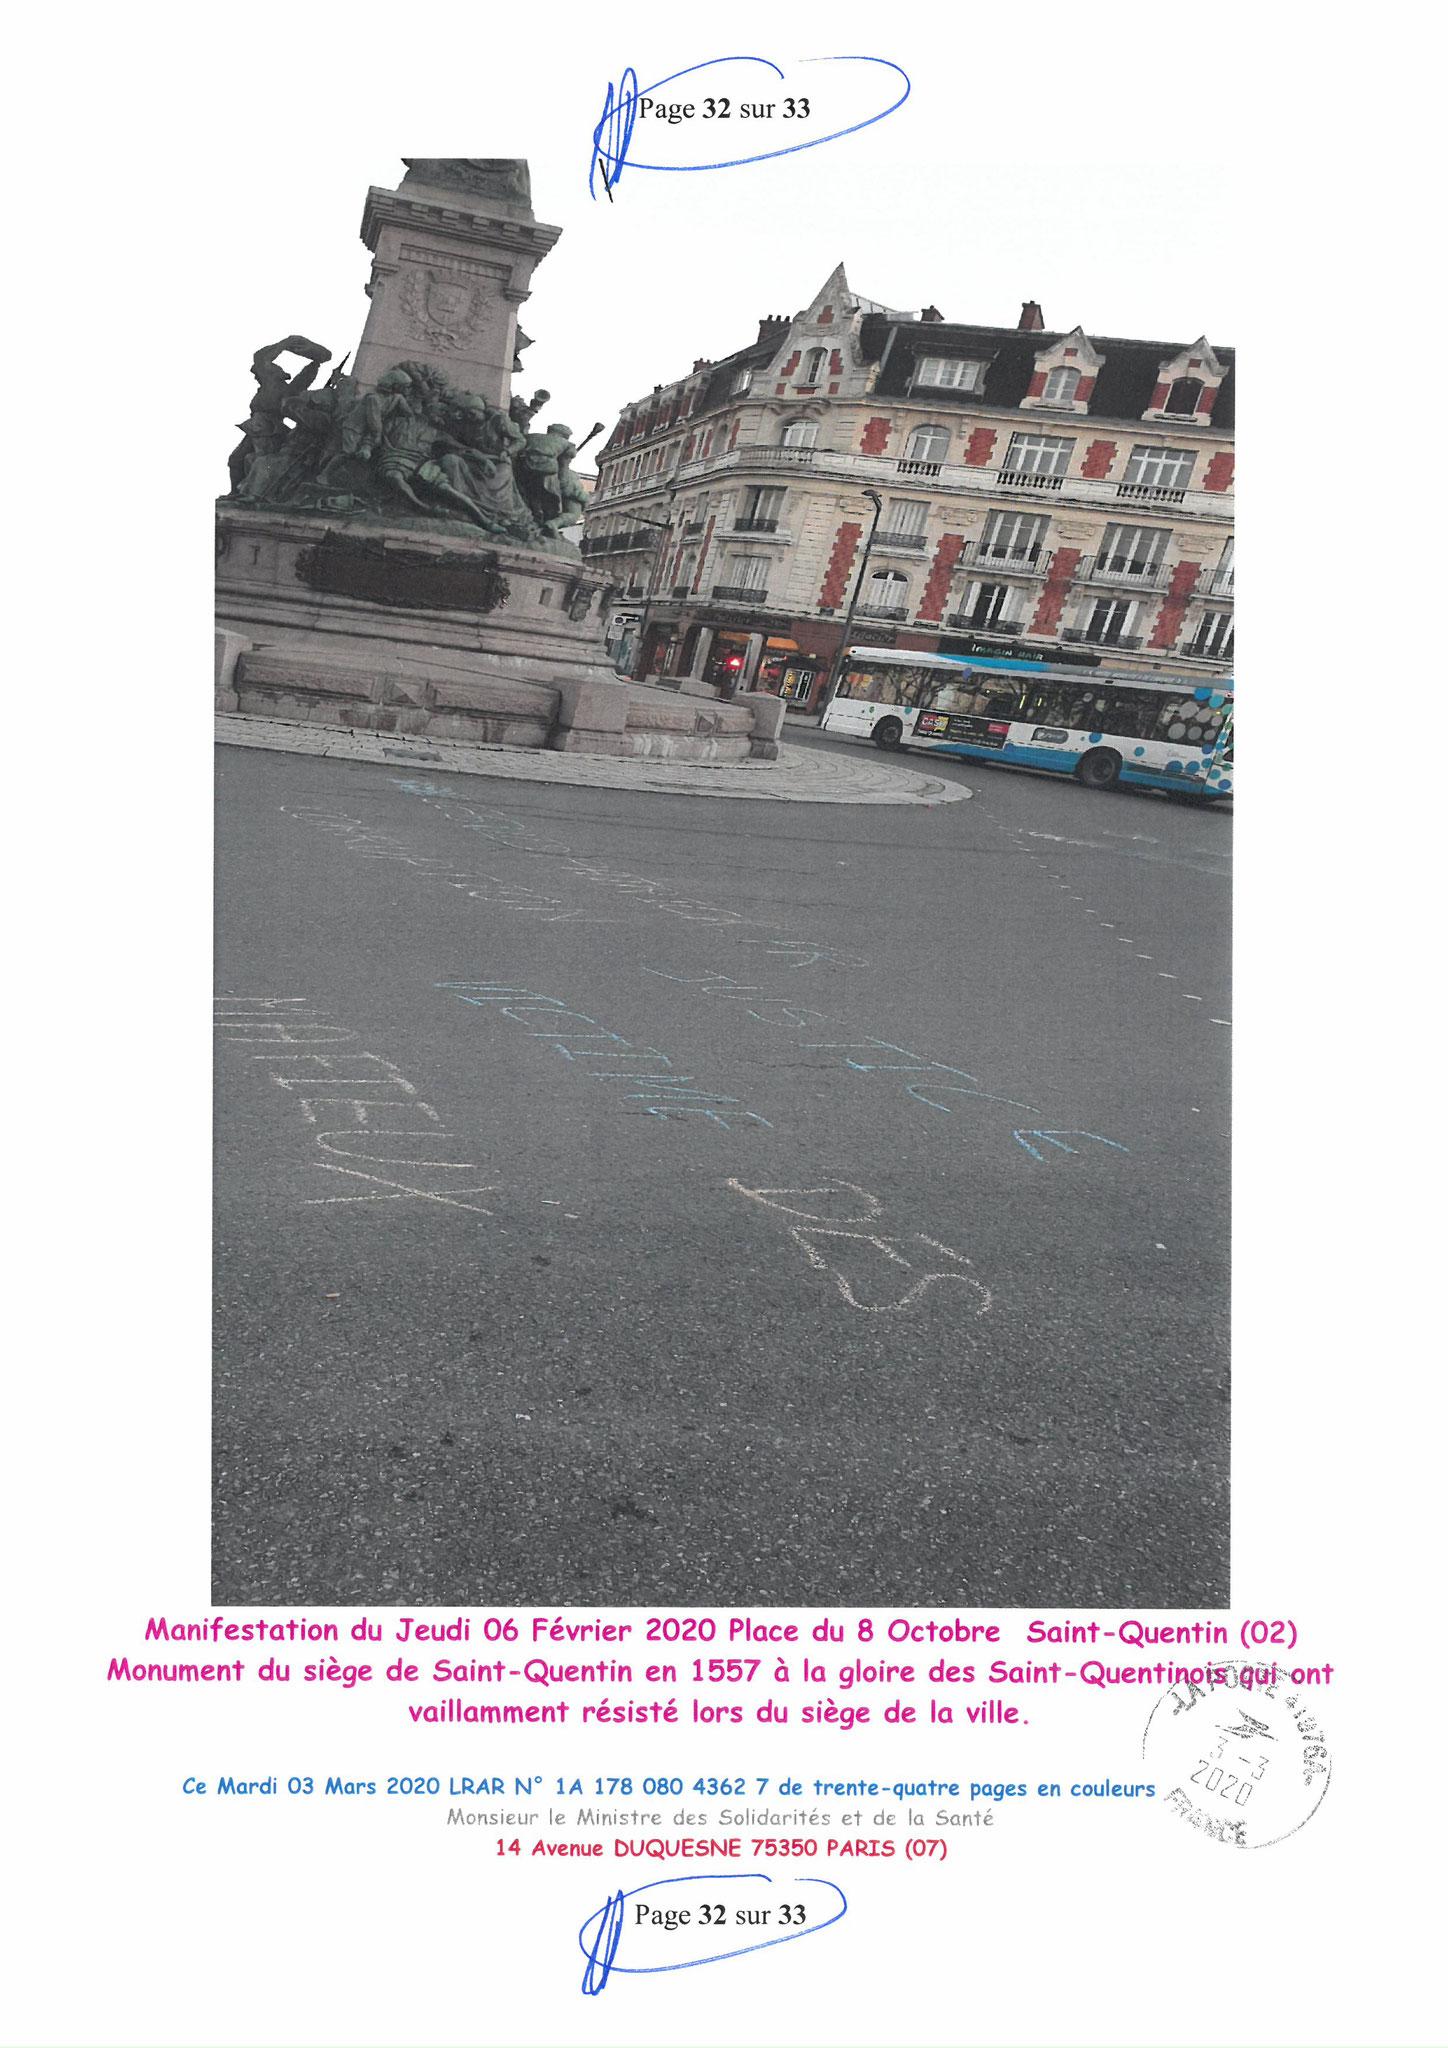 Page 32 sur 33 Ma lettre recommandée N0 1A 178 080 4362 7 du 03 Mars 2020 à Monsieur Olivier VERAN le Ministre de la Santé et des Solidarités www.jesuispatrick.fr www.jesuisvictime.fr www.alerte-rouge-france.fr